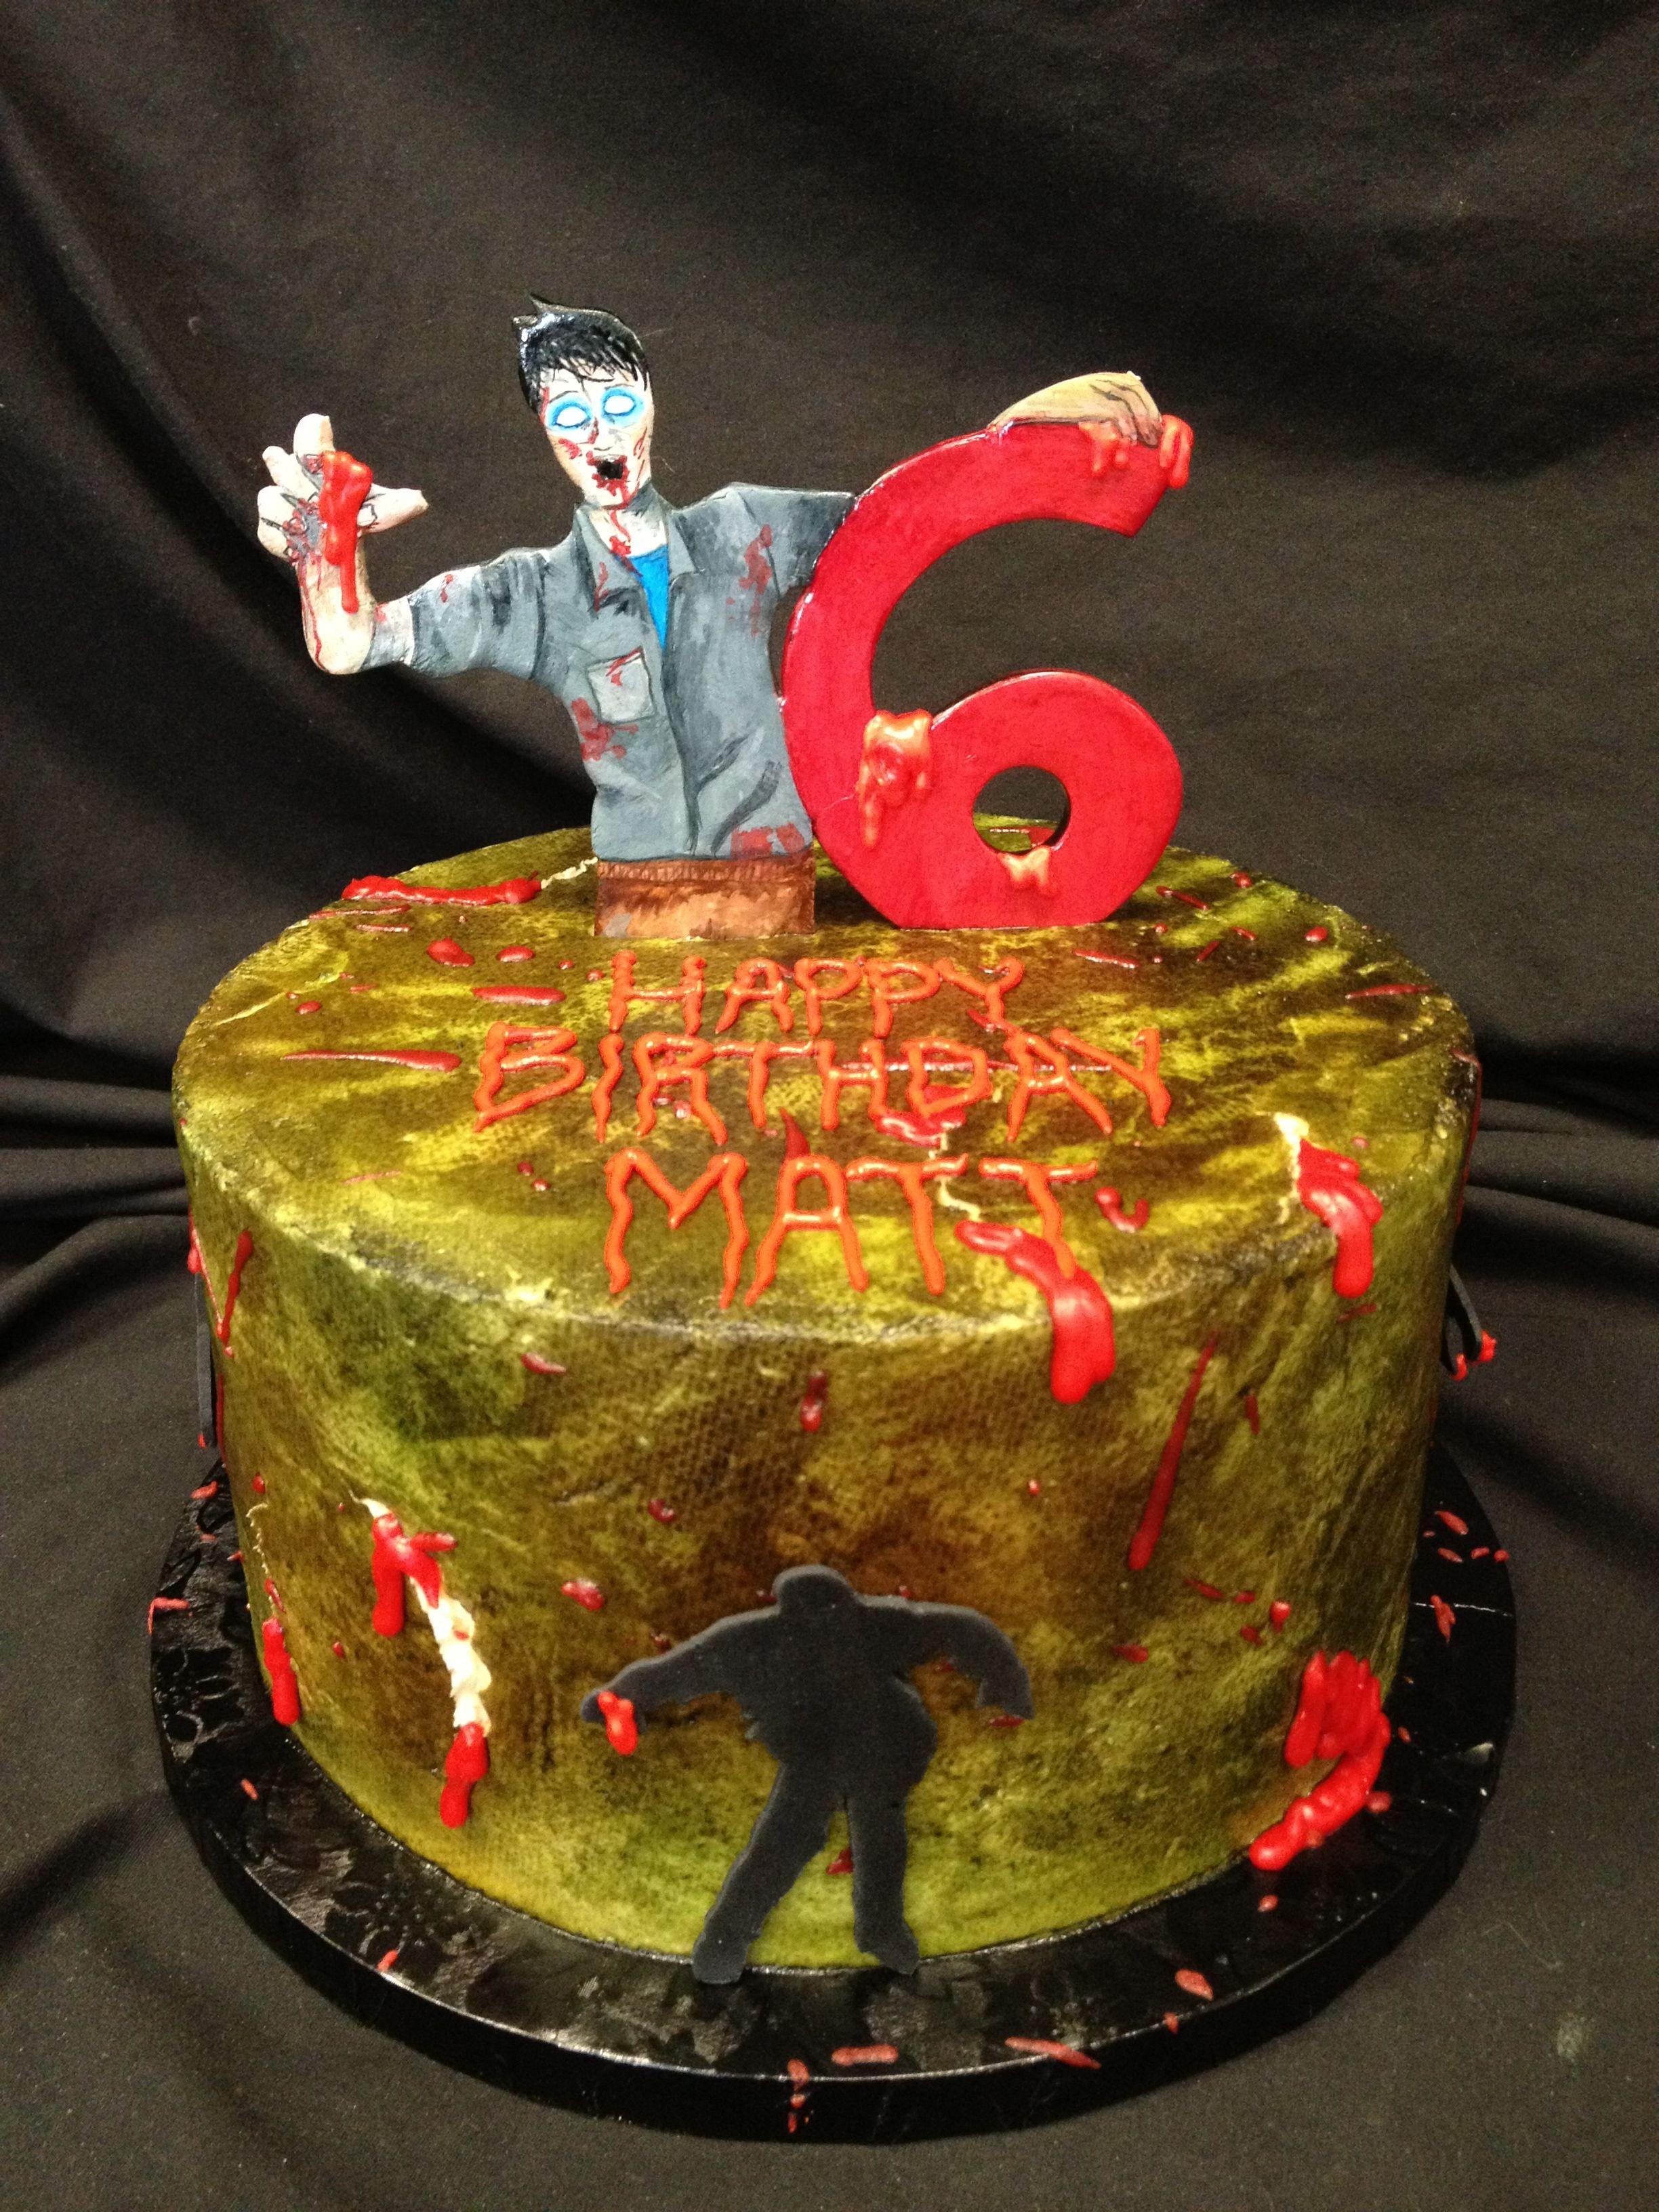 Imaginarycakes girlsbirthday boysbirthday birthdaycake